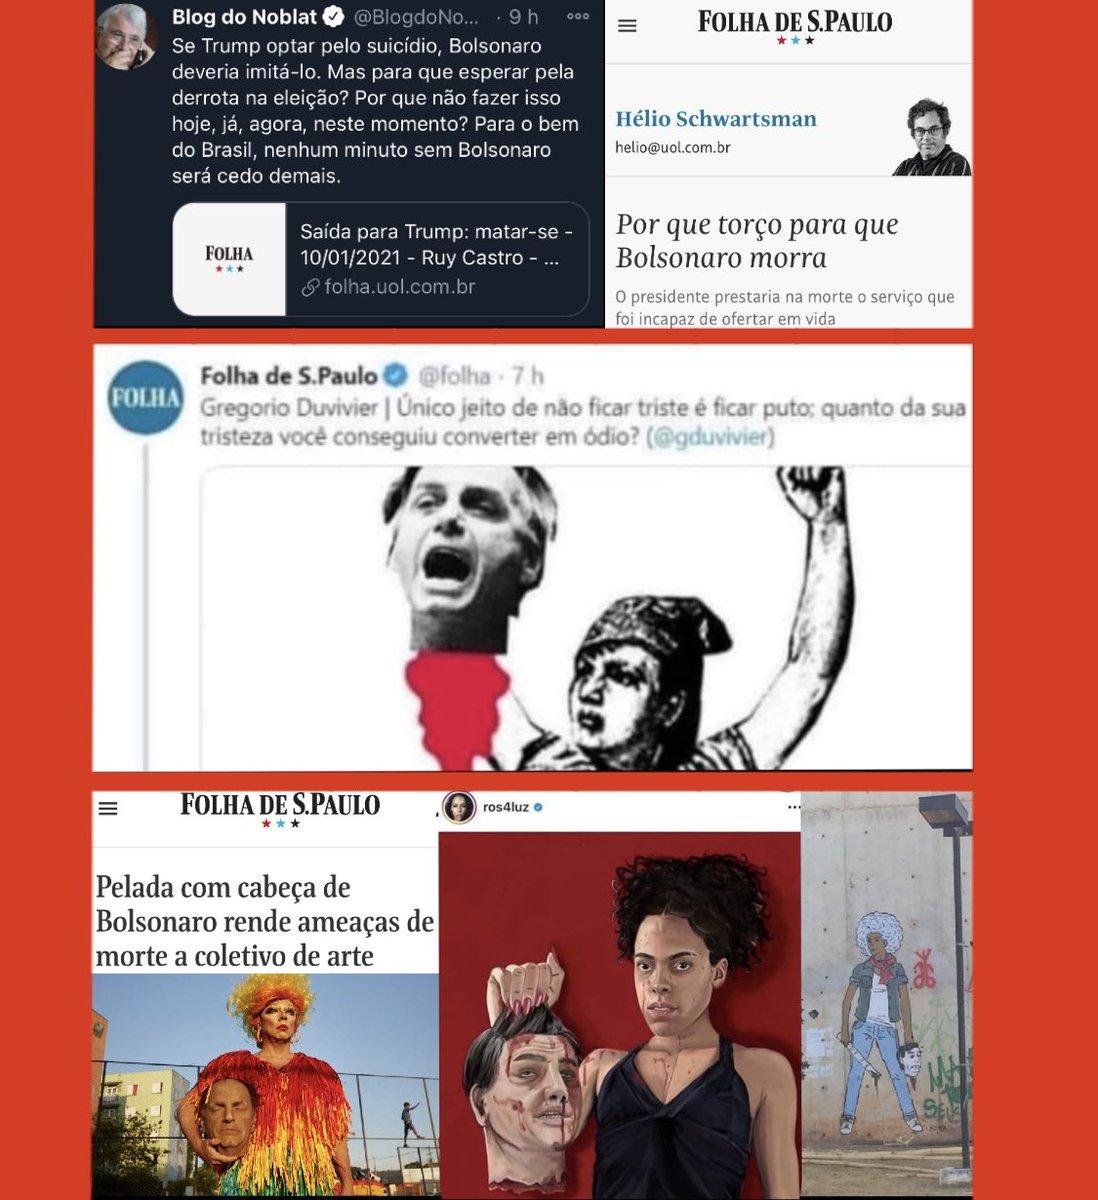 Não foi só o Noblat, é diário esse ódio  Conclusão: se Adélio tivesse assassinado @jairbolsonaro, estas pessoas poderiam até lamentar publicamente,mas comemorariam no íntimo  Se a Veja quiser que acreditemos em seu repúdio ela precisa tomar ação, pois de discurso estamos fartos